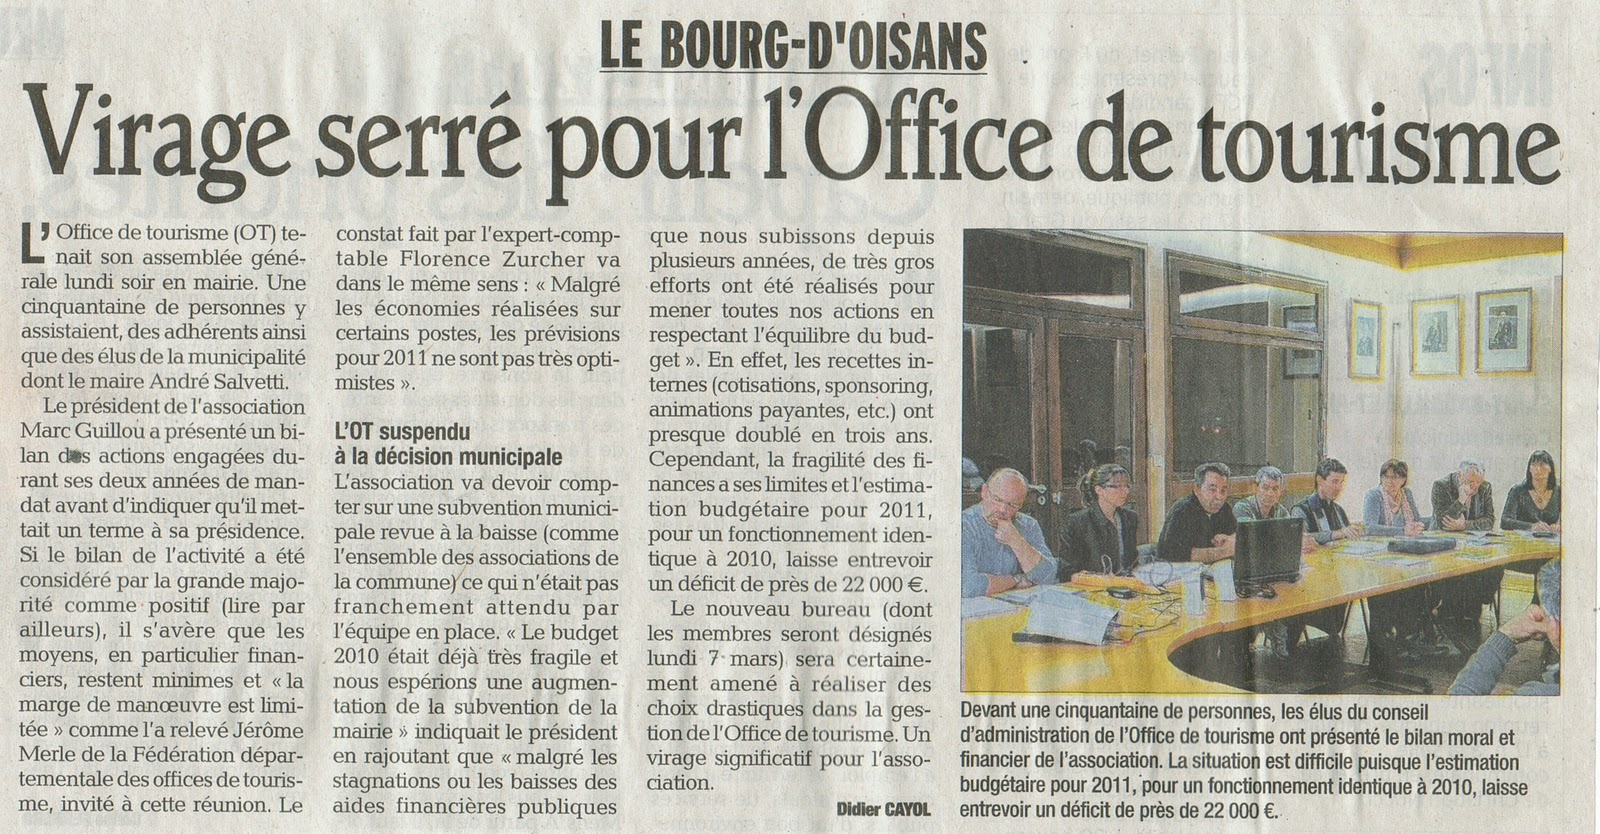 News de l 39 office de tourisme bourg d 39 oisans assemblee generale office de tourisme de bourg d - Bourg d oisans office tourisme ...